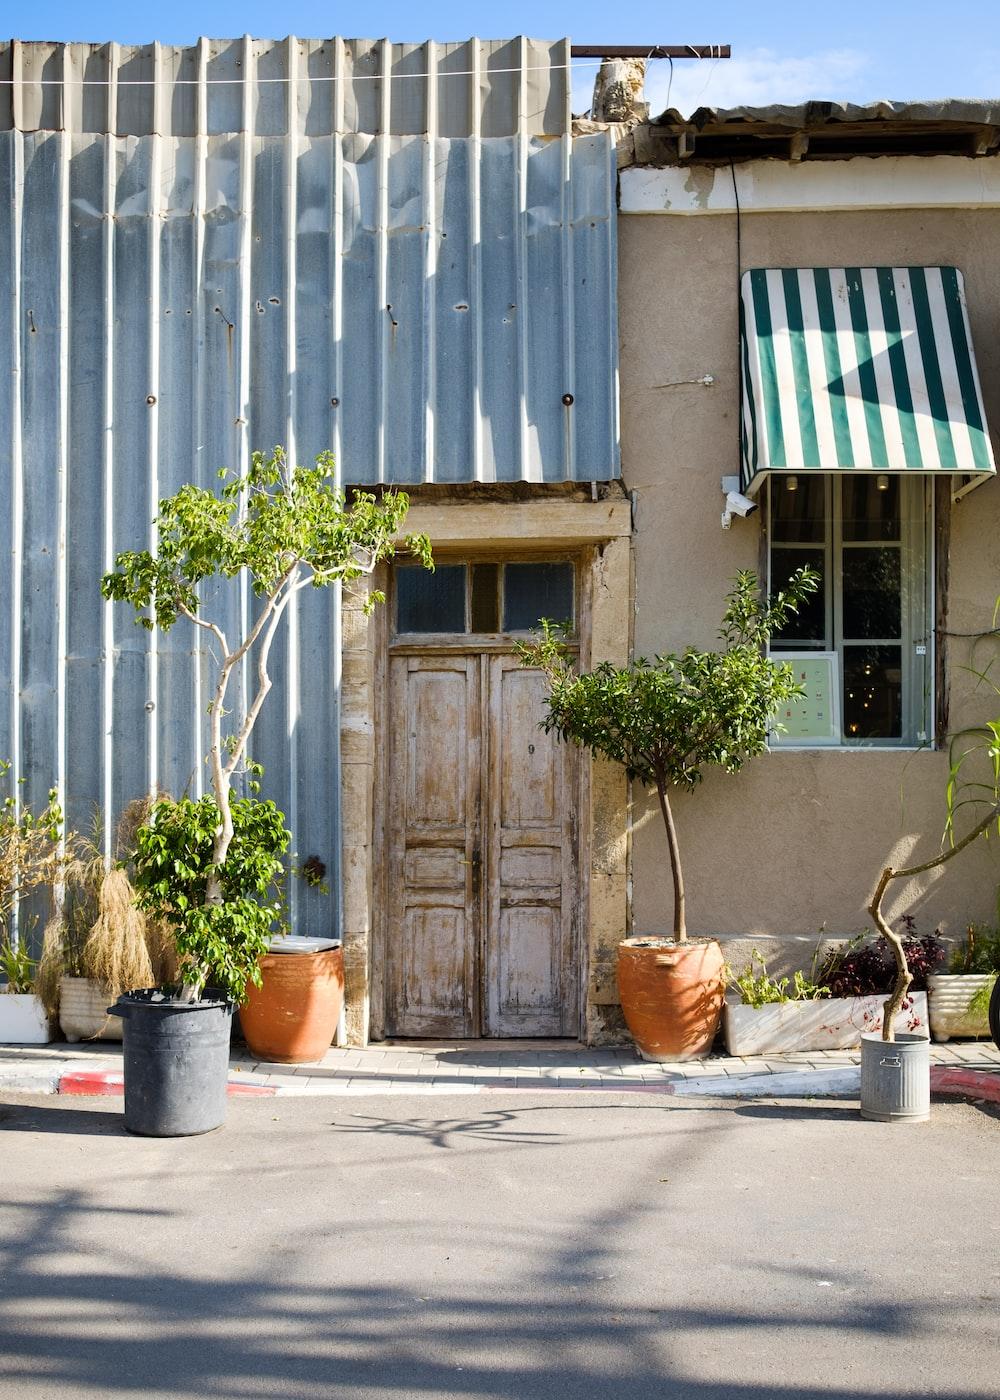 brown wooden door beside potted plants